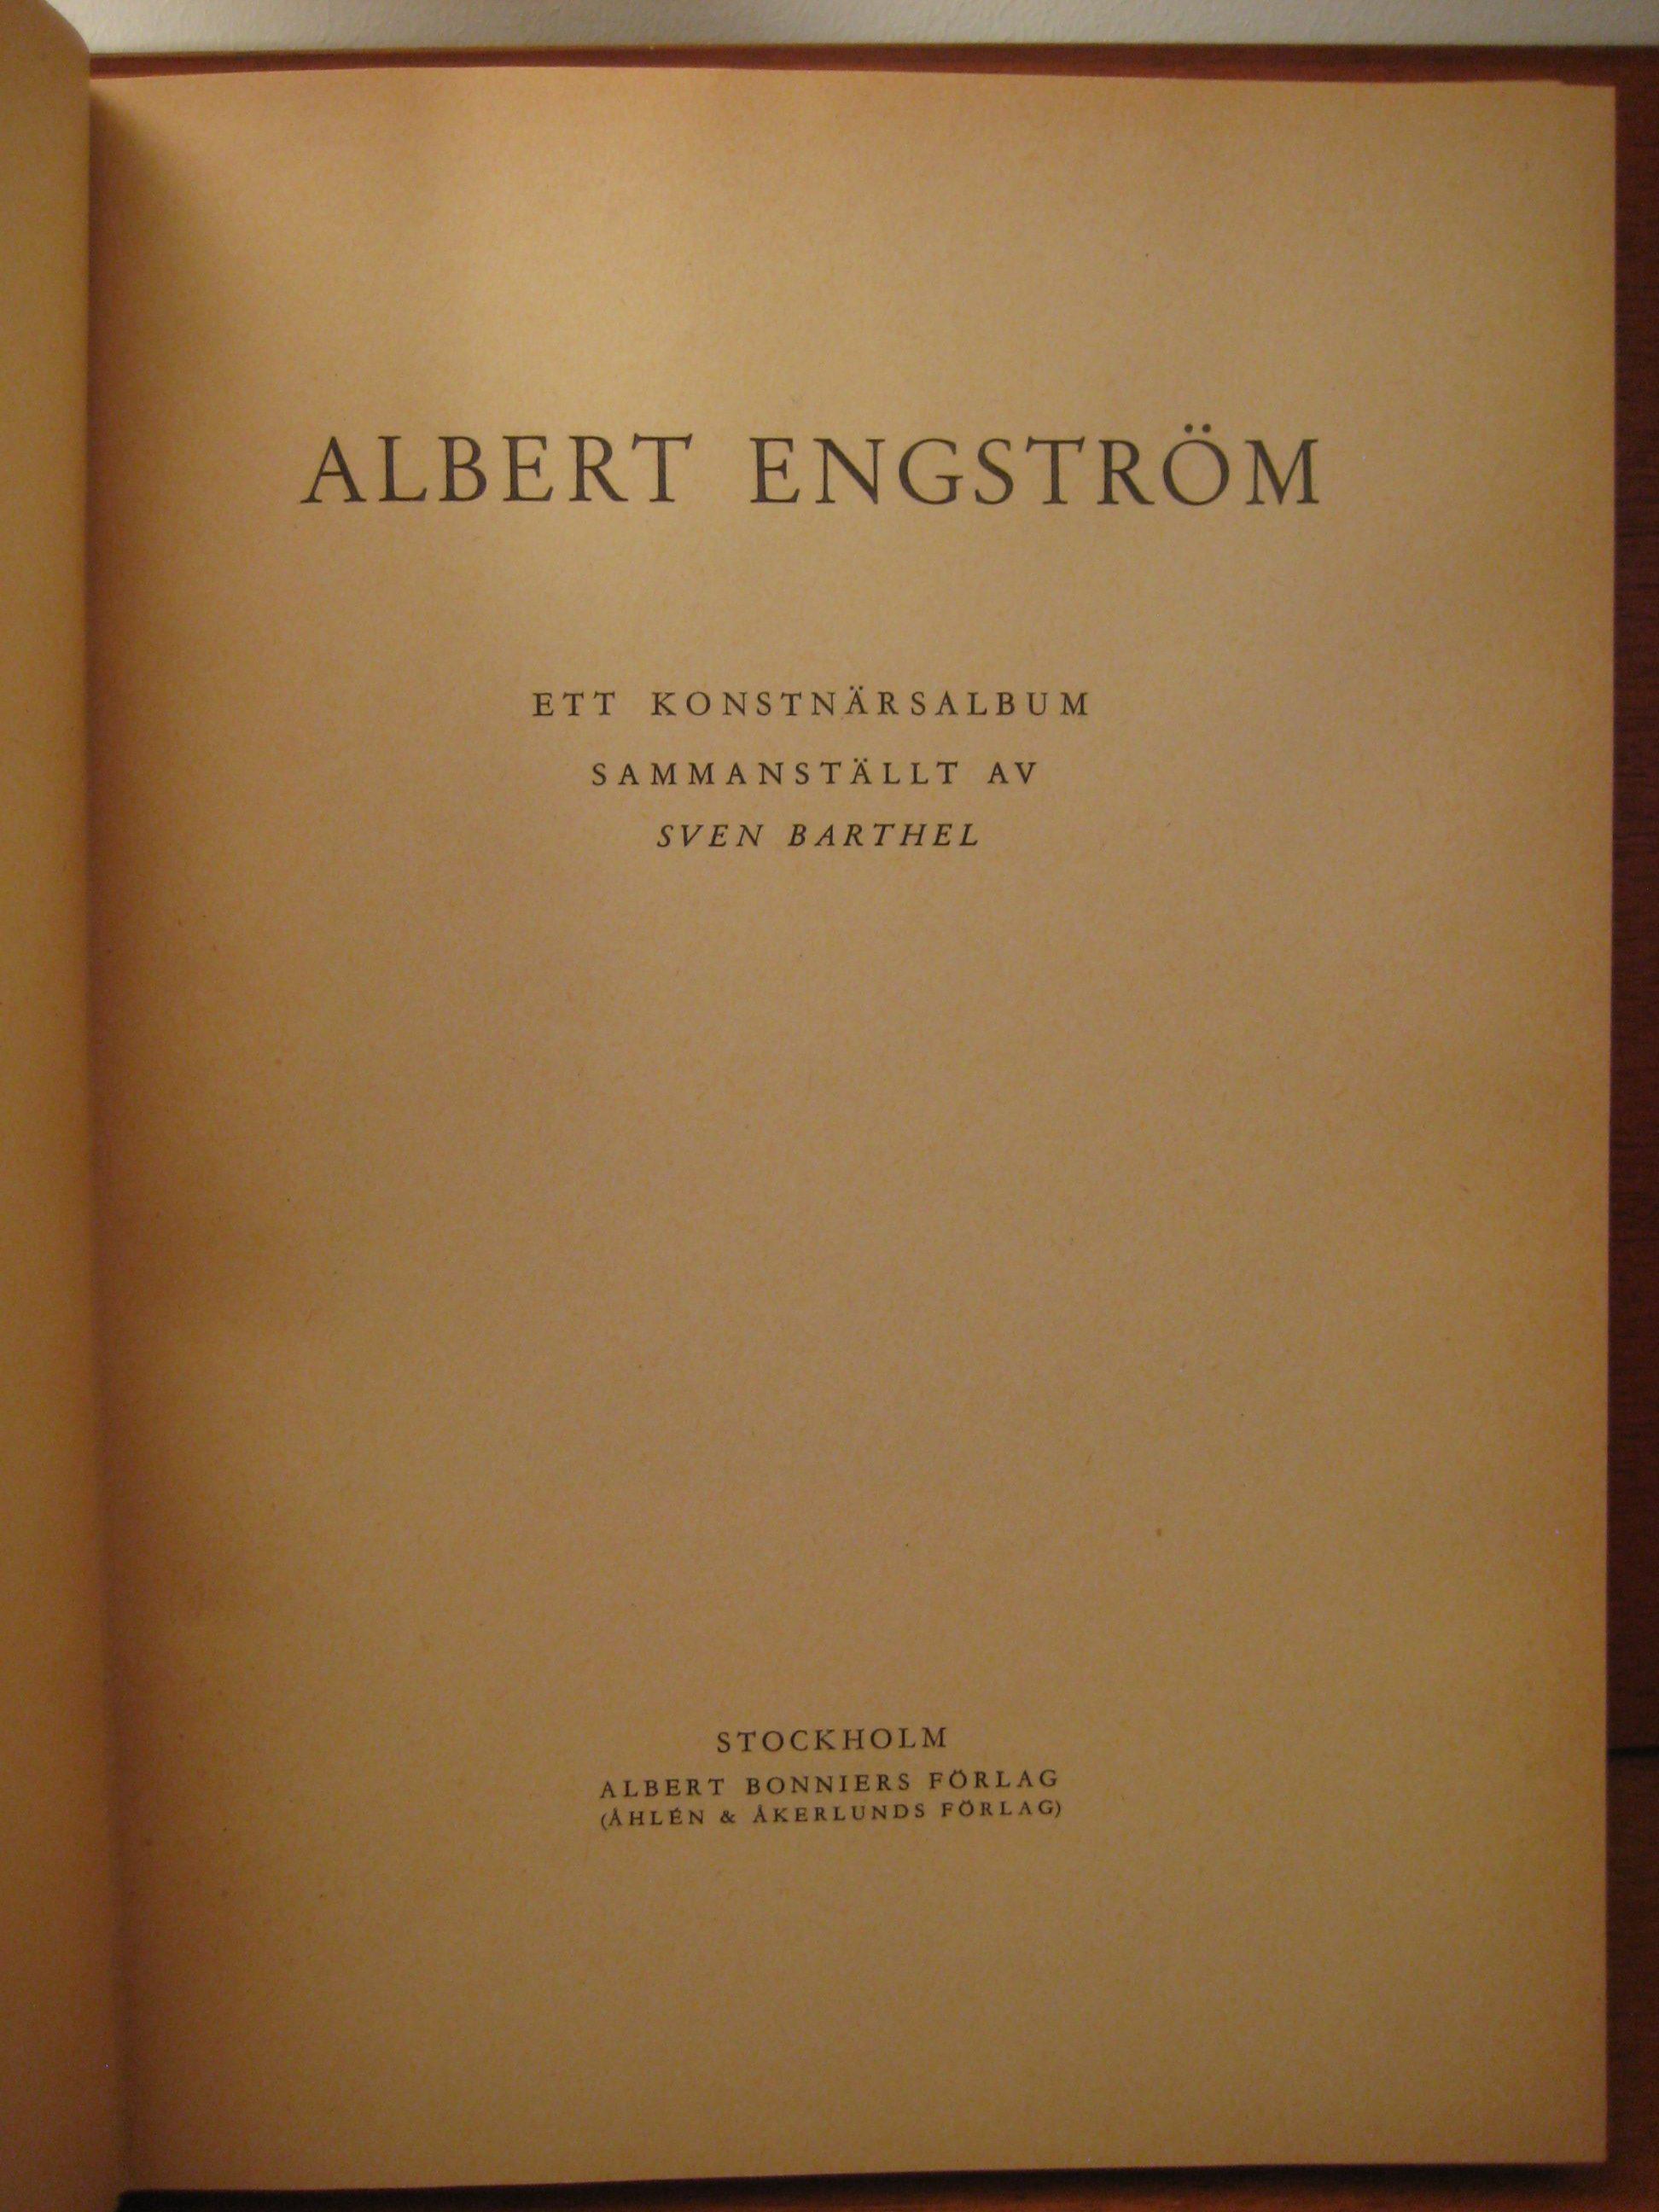 Albert Engström